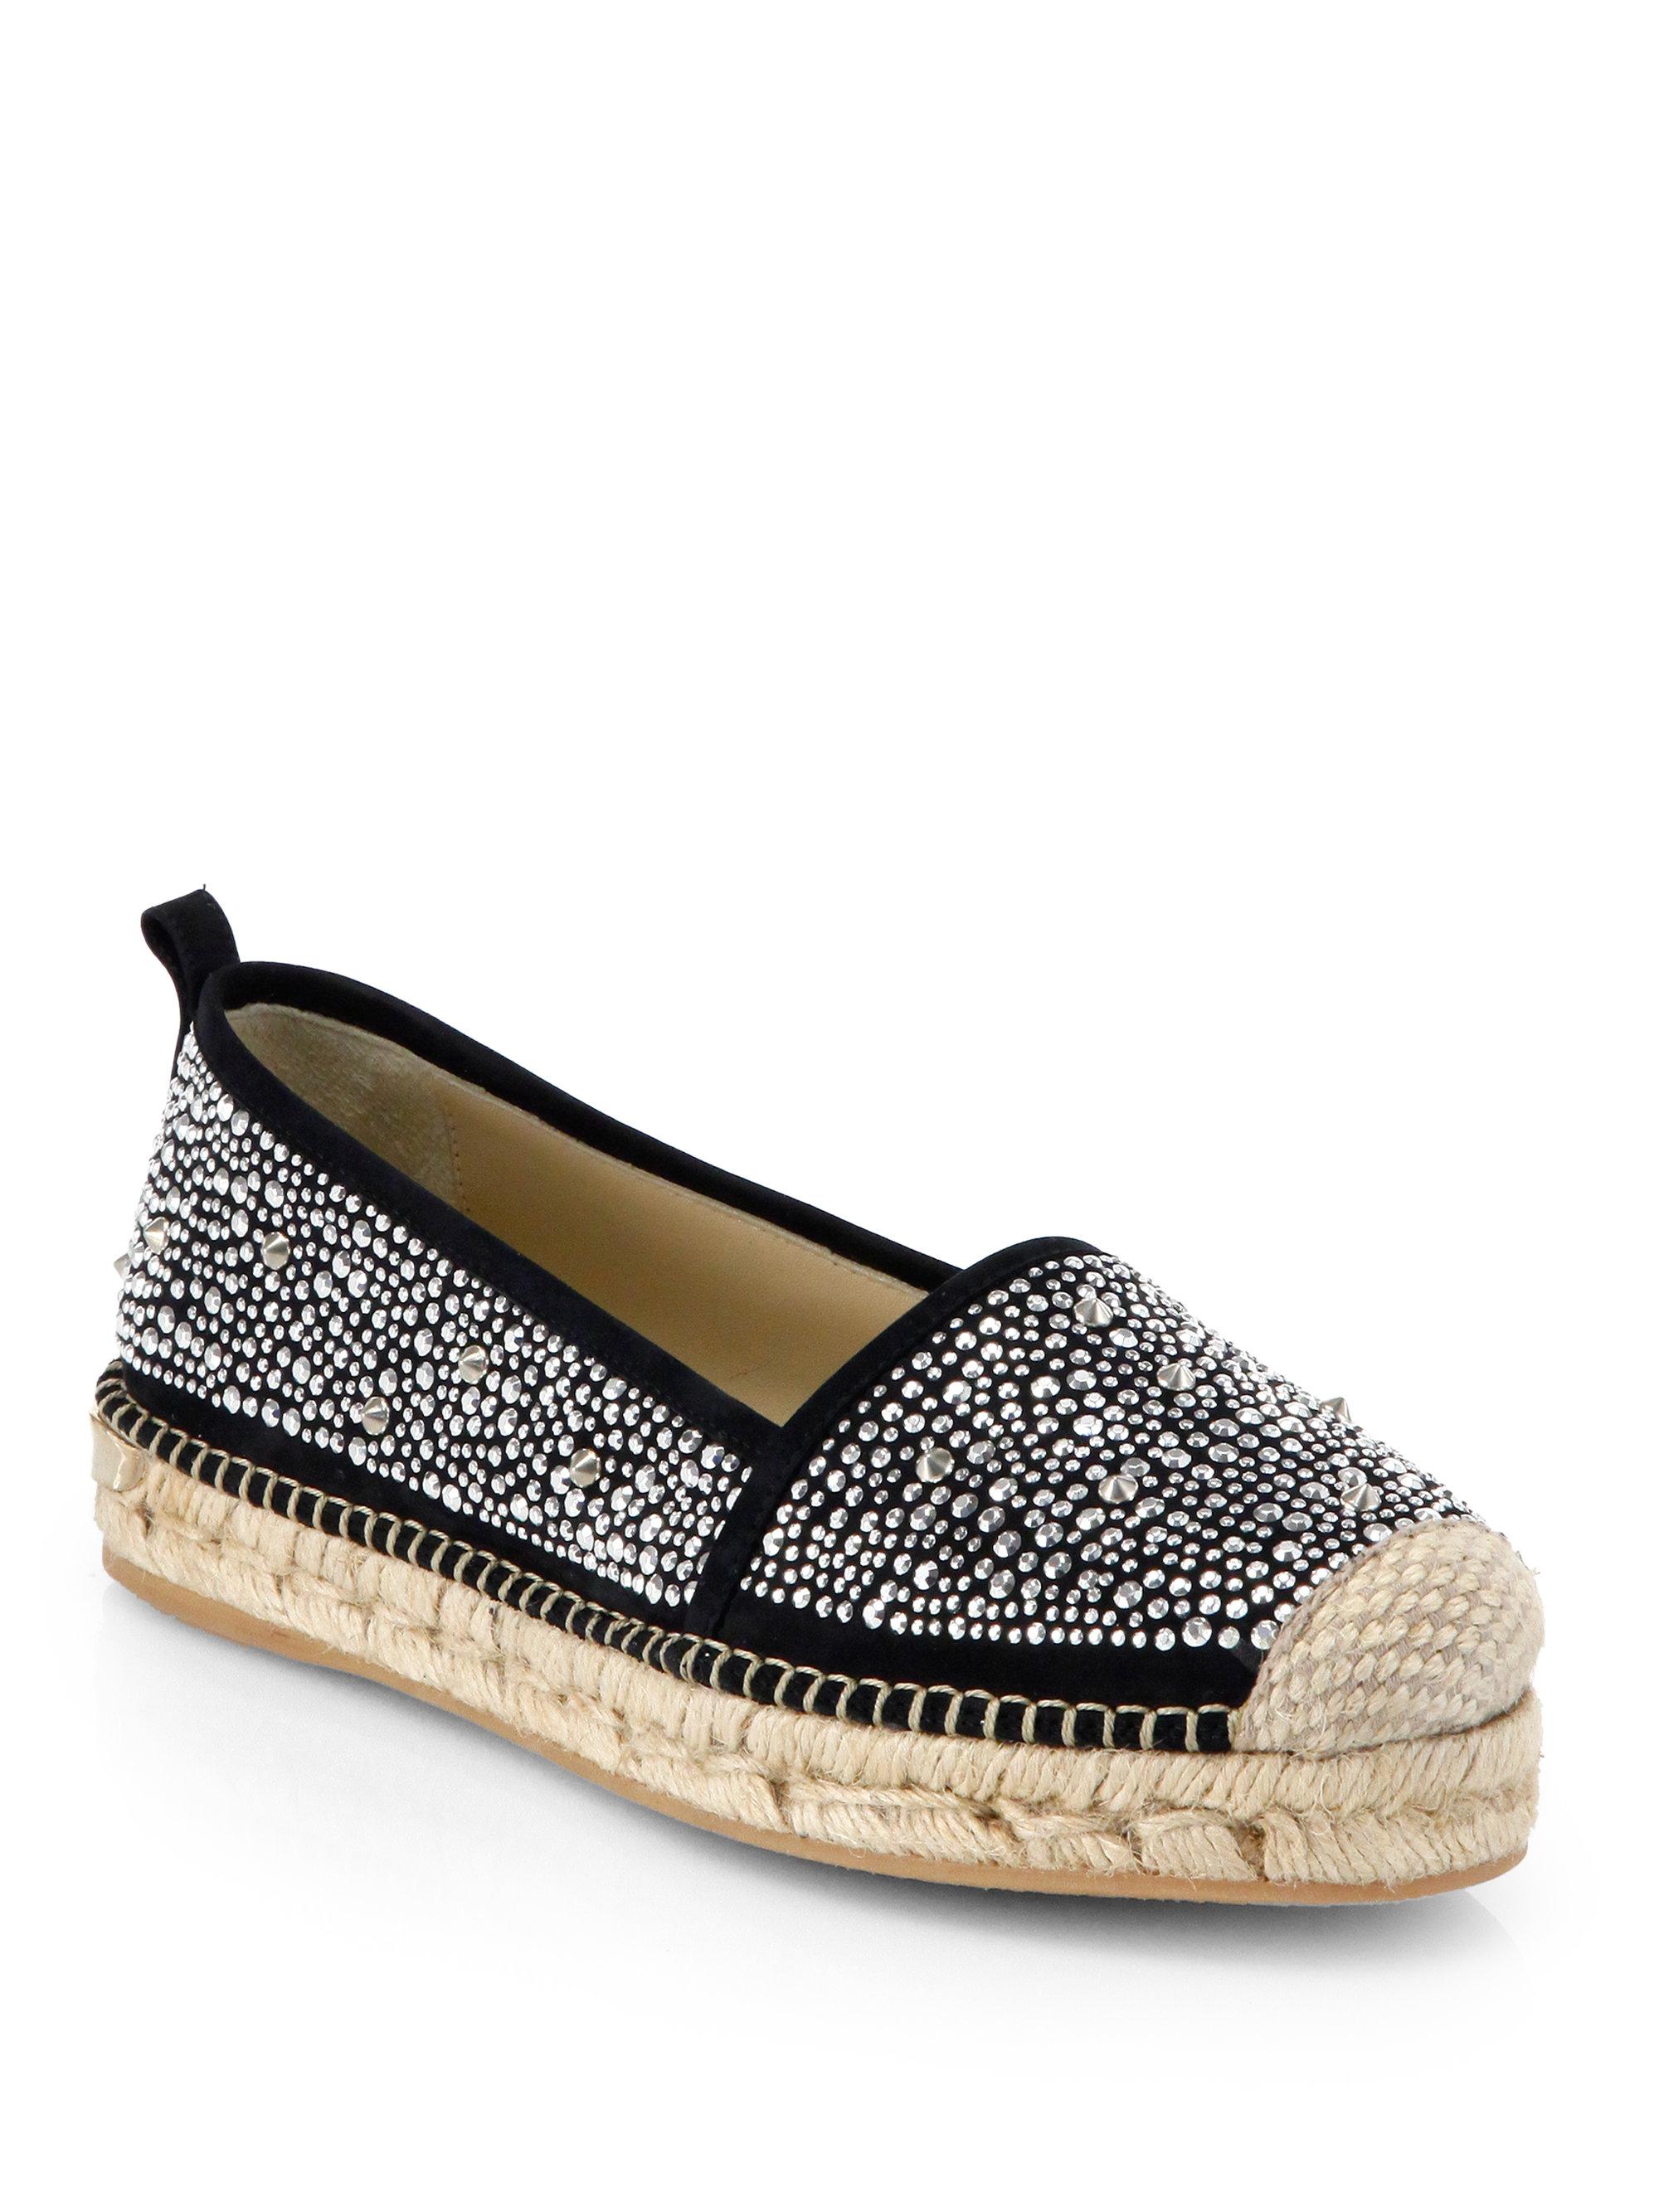 Stuart Weitzman Lace Shoes